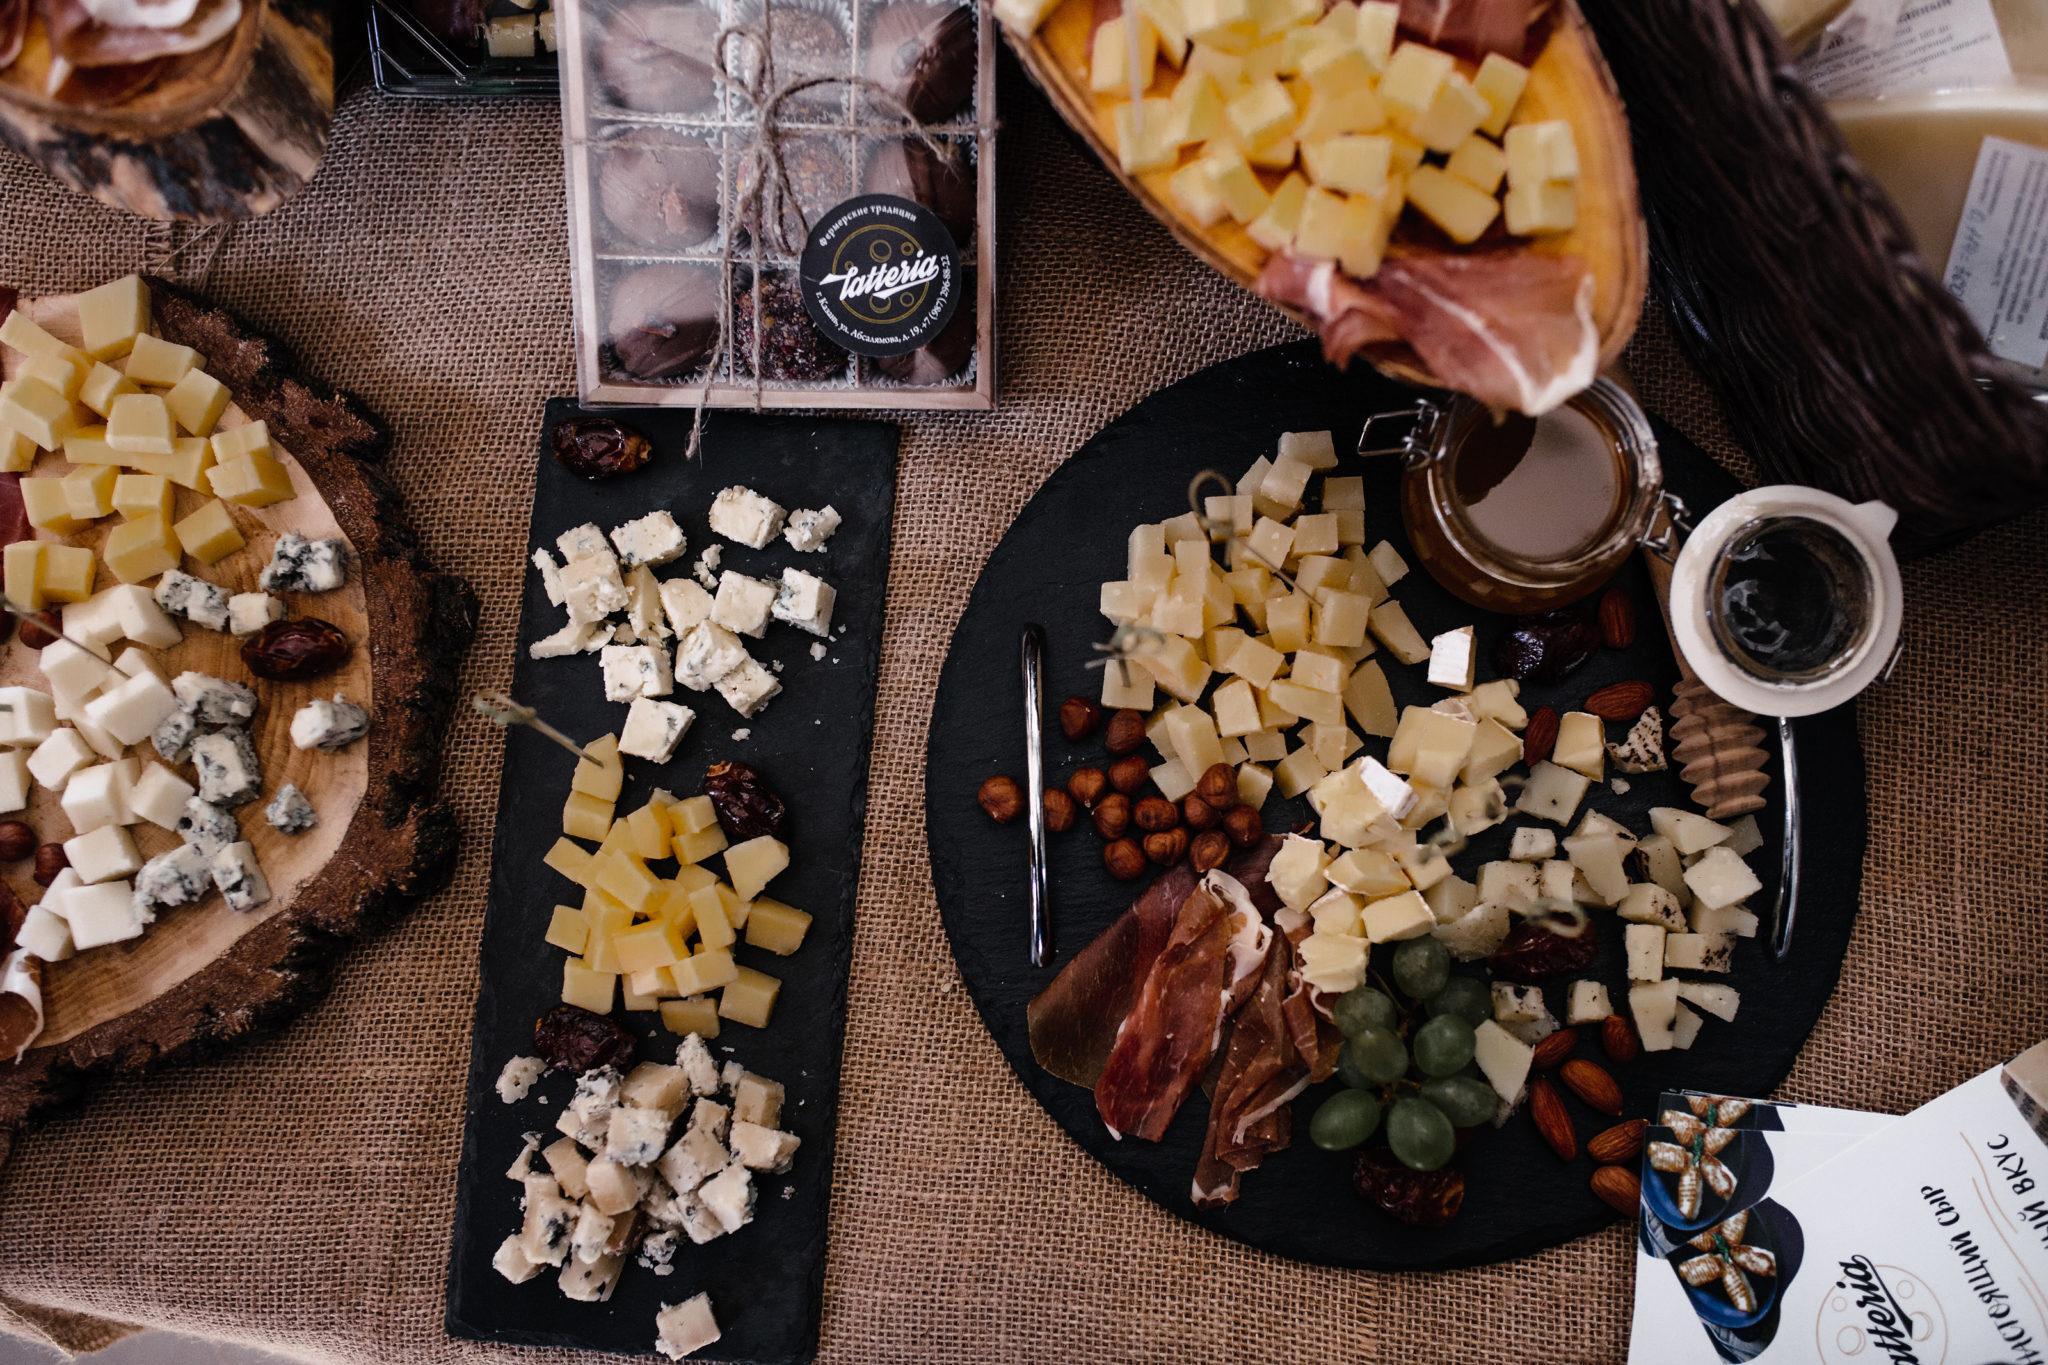 Dolce Vita в поселке «Примавера»: дорогие сыры, мудборд и фото на фоне декораций от одного из лучших дизайнеров Казани